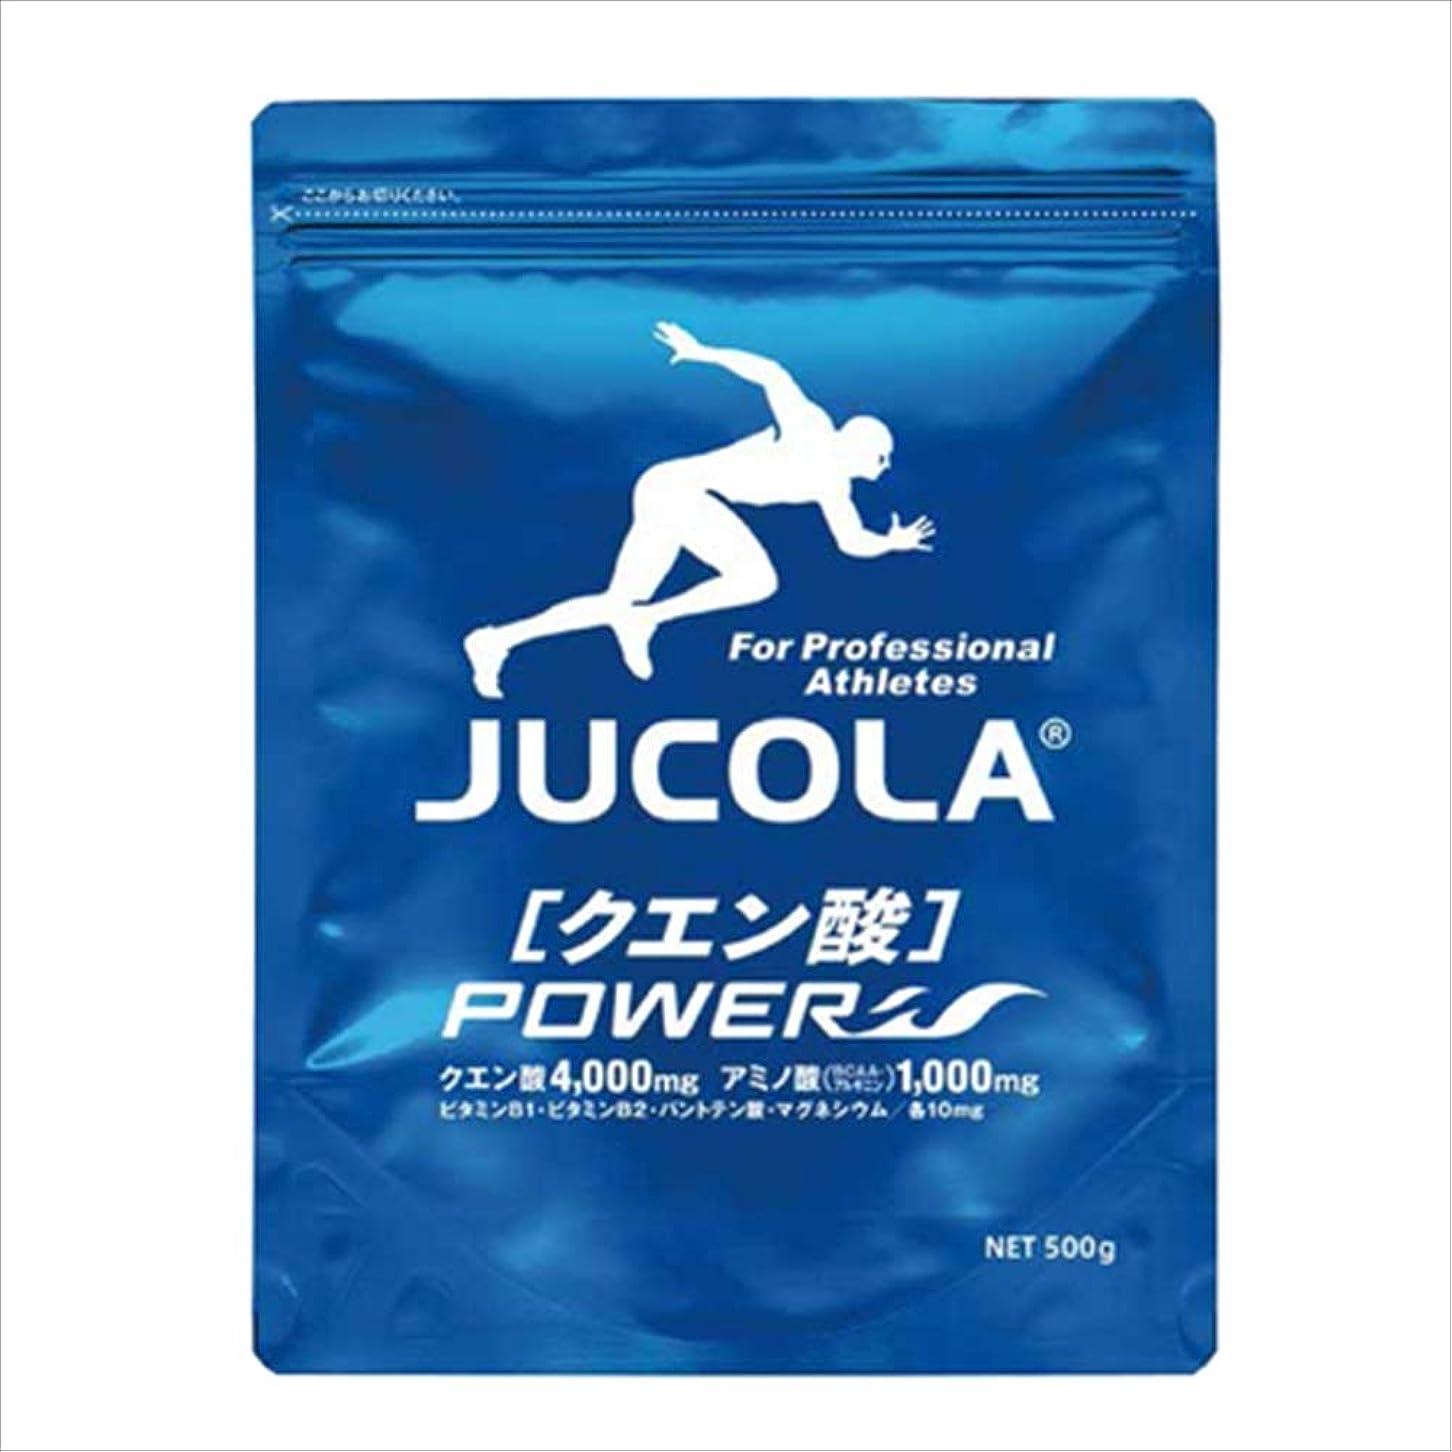 頂点シダチャンピオンシップジャコラ/JUCOLA 熱中症対策 粉末清涼飲料 クエン酸パワー 500g 90028